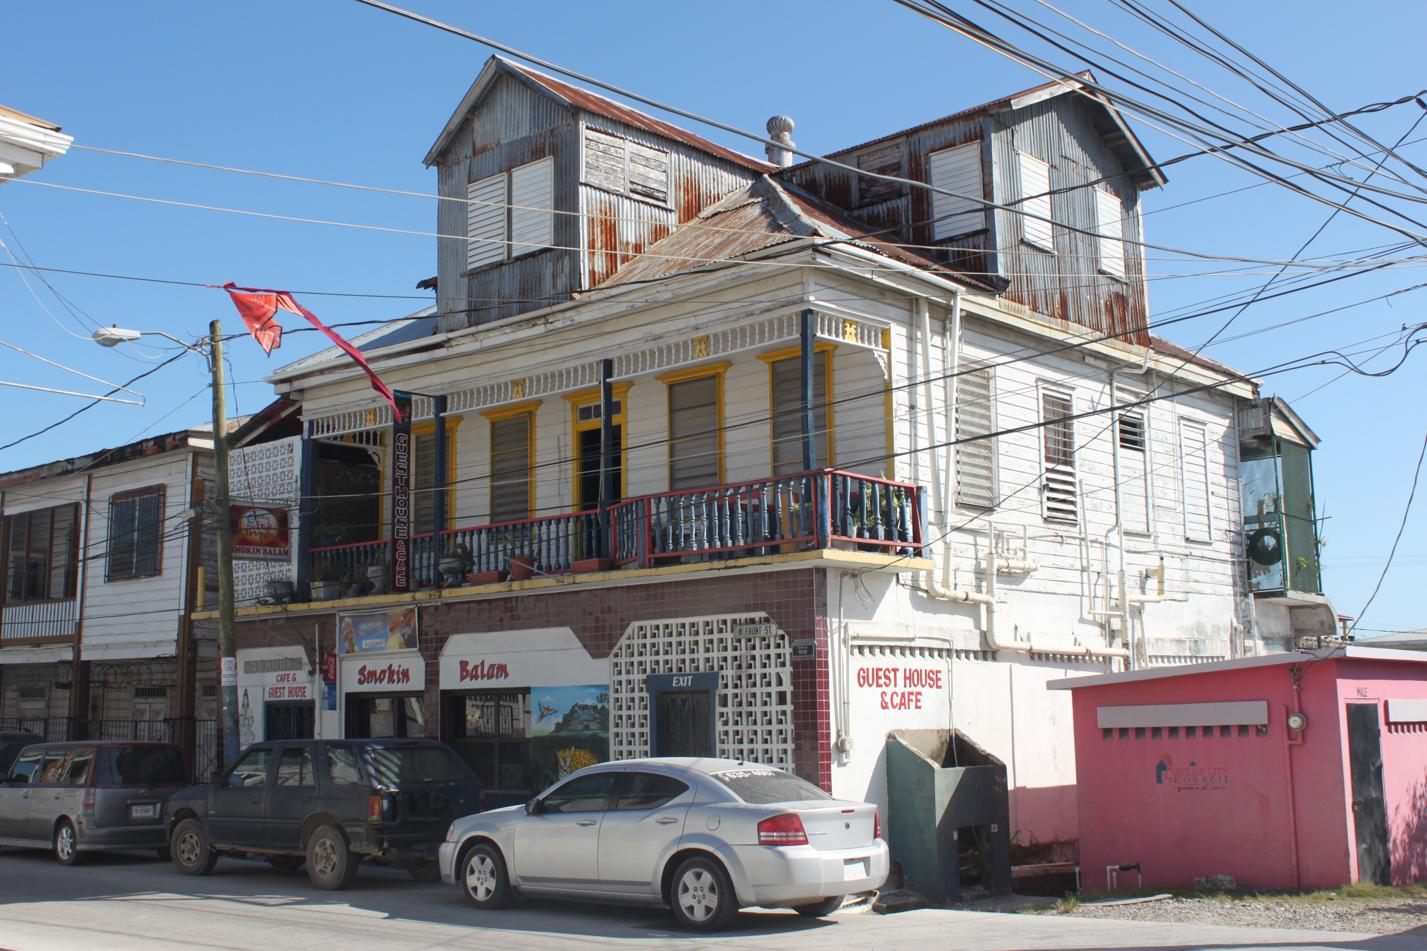 Unsere Unterkunft in Belize City.